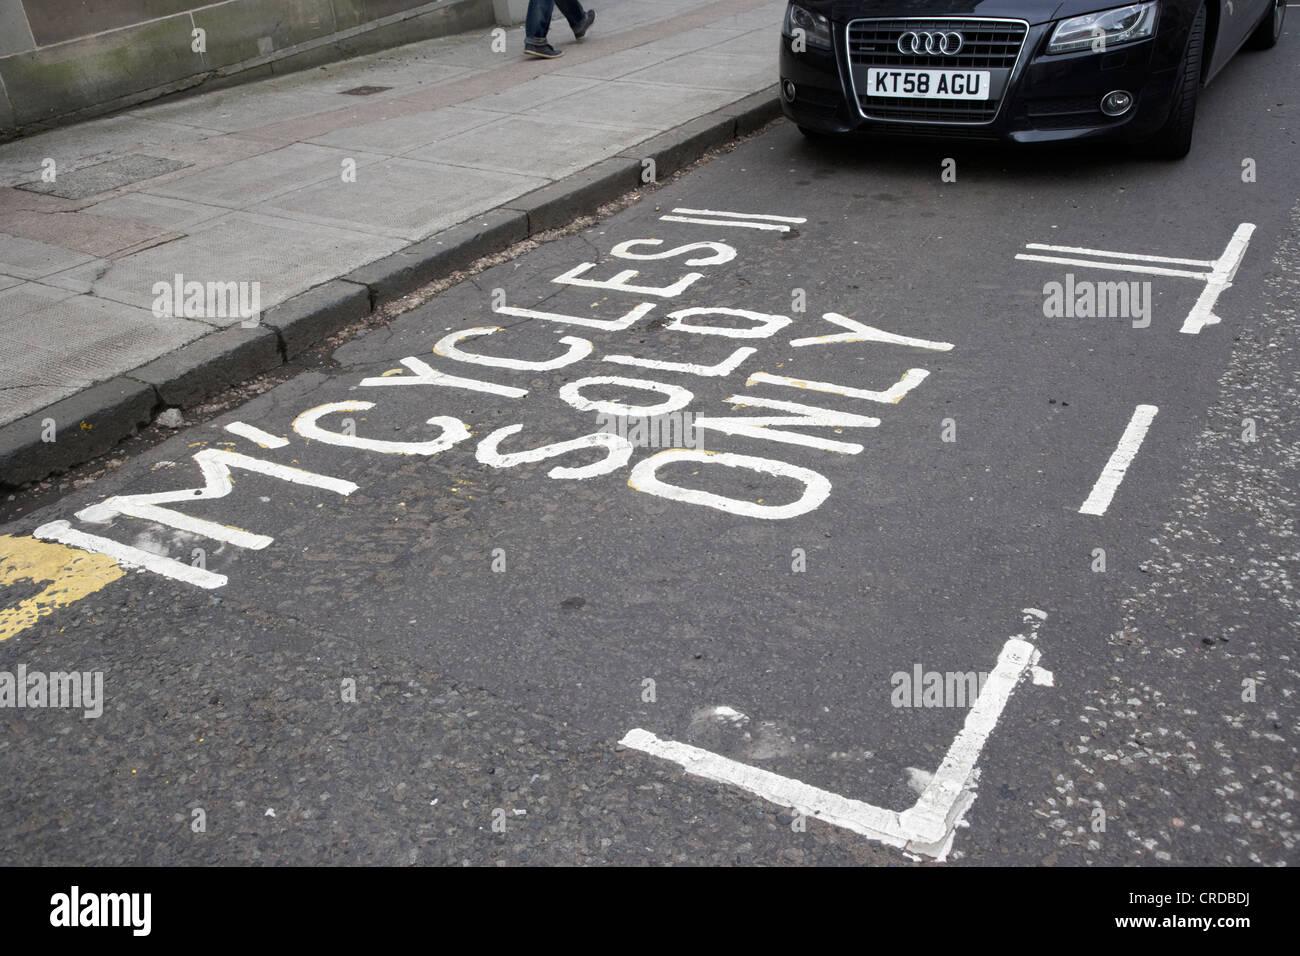 Les motos solo vacant vide seulement de parking dans Glasgow scotland uk Banque D'Images